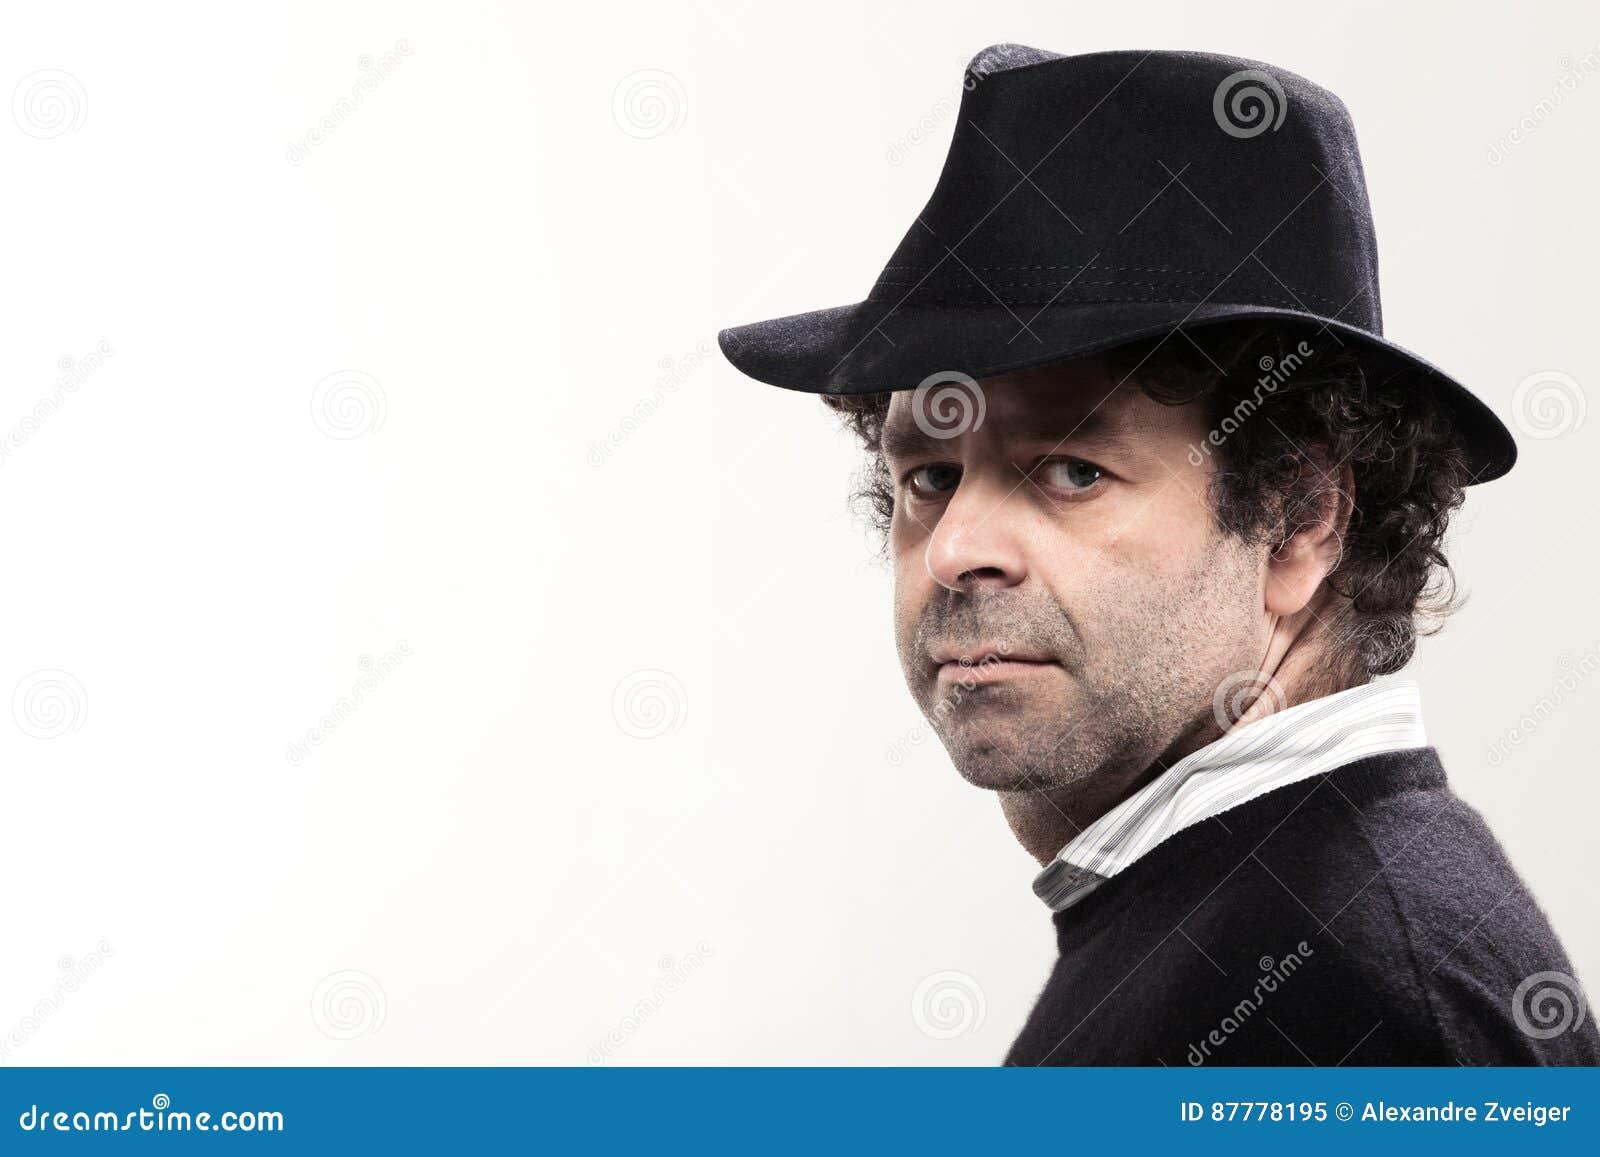 5afcbe5a1aa2b Plan rapproché d'un homme avec un chapeau noir, regardant l'appareil-photo